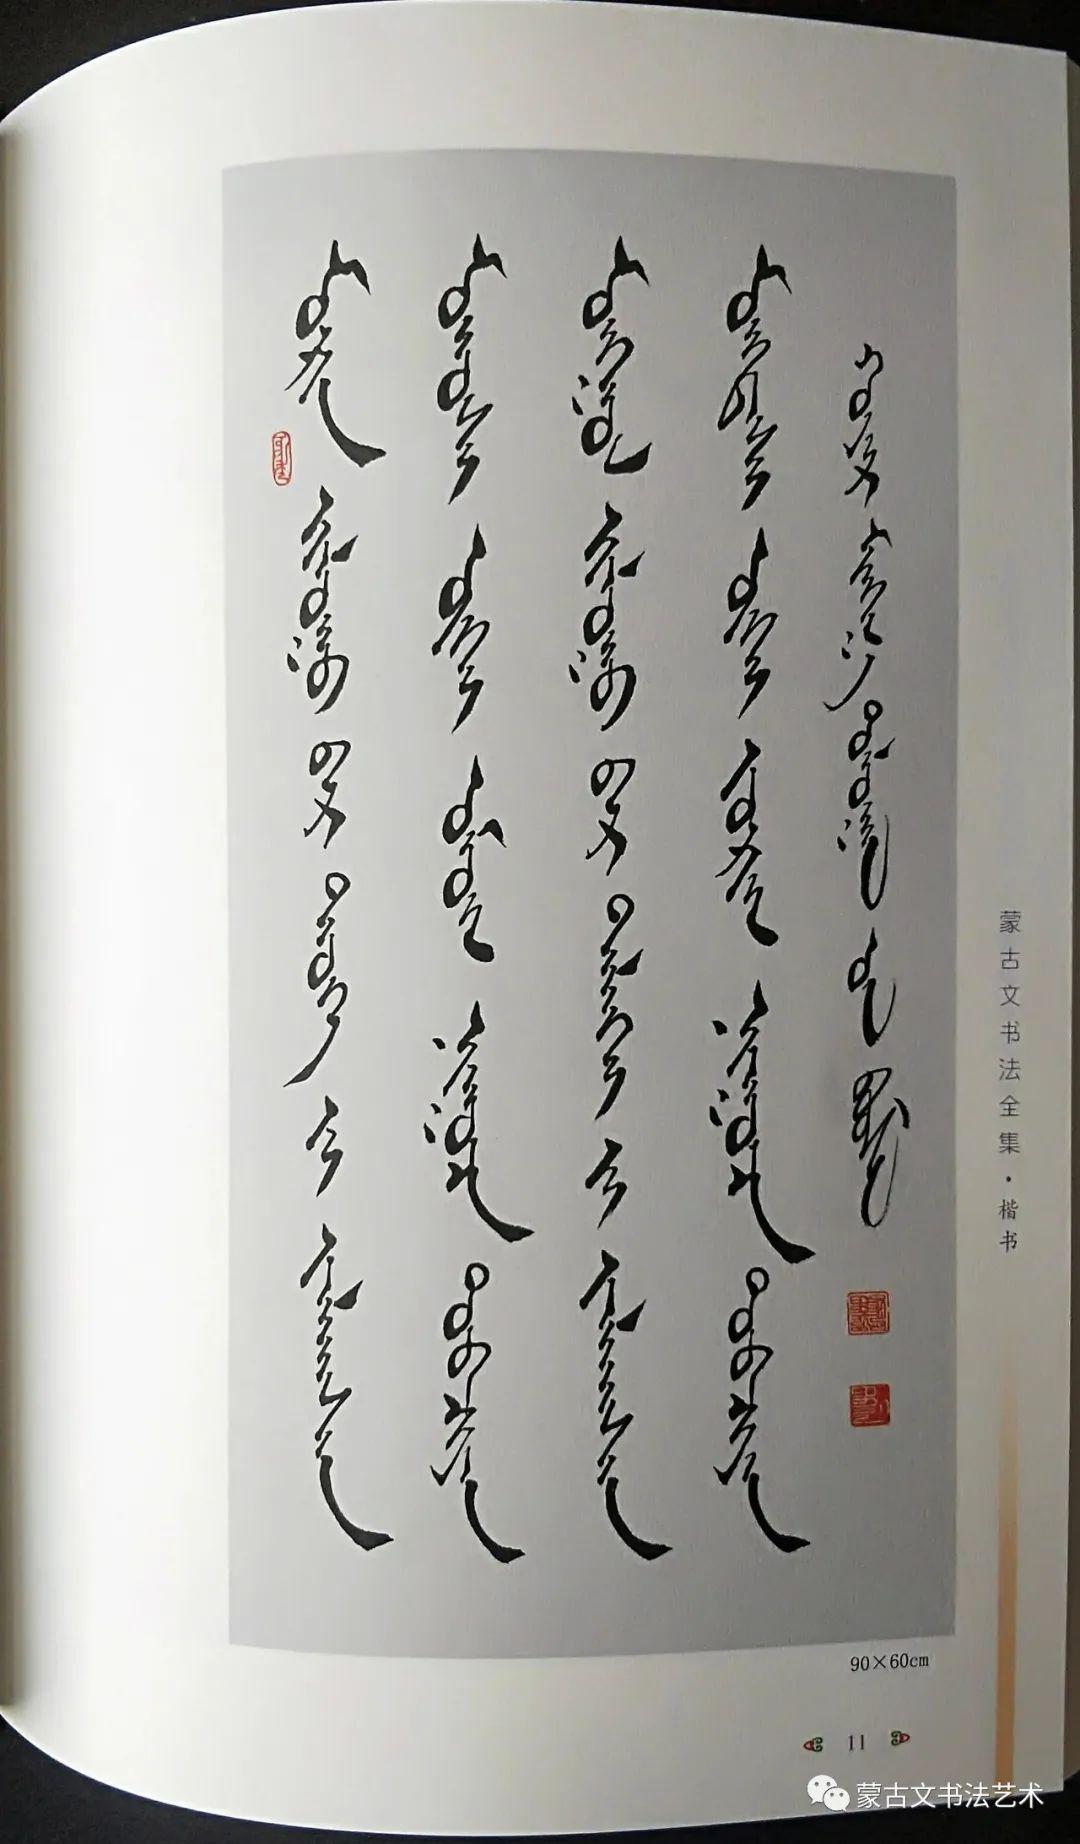 蒙古文书法全集 第8张